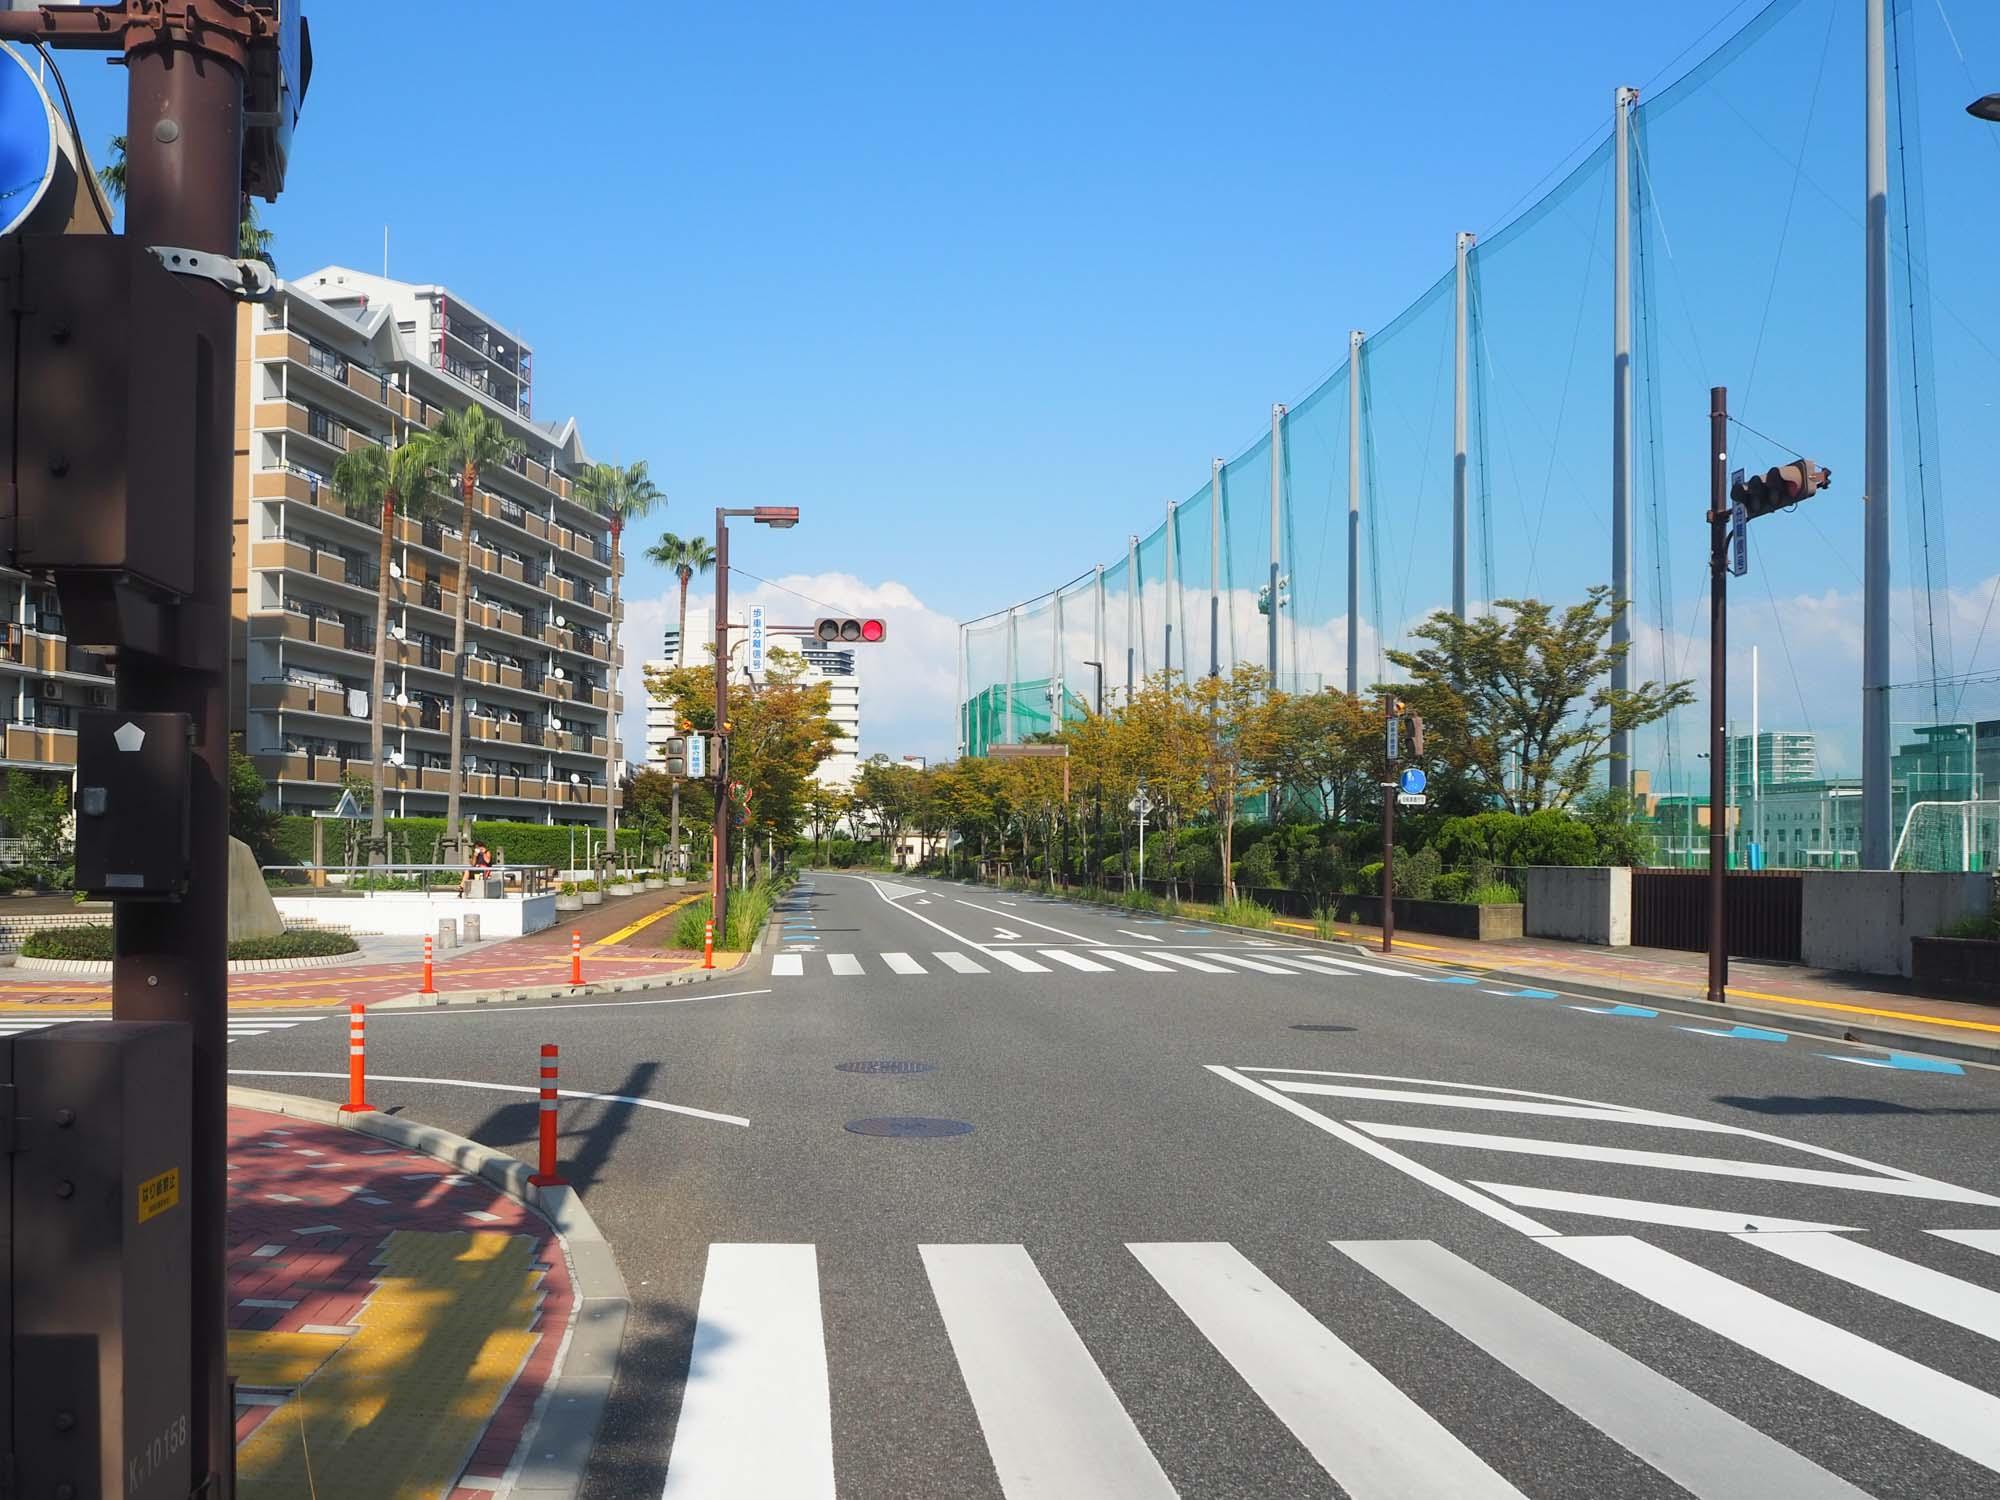 サザエさん通りから少し外れて、自転車レーンを走ります。道路も広く、気持ちよく走れる道です。